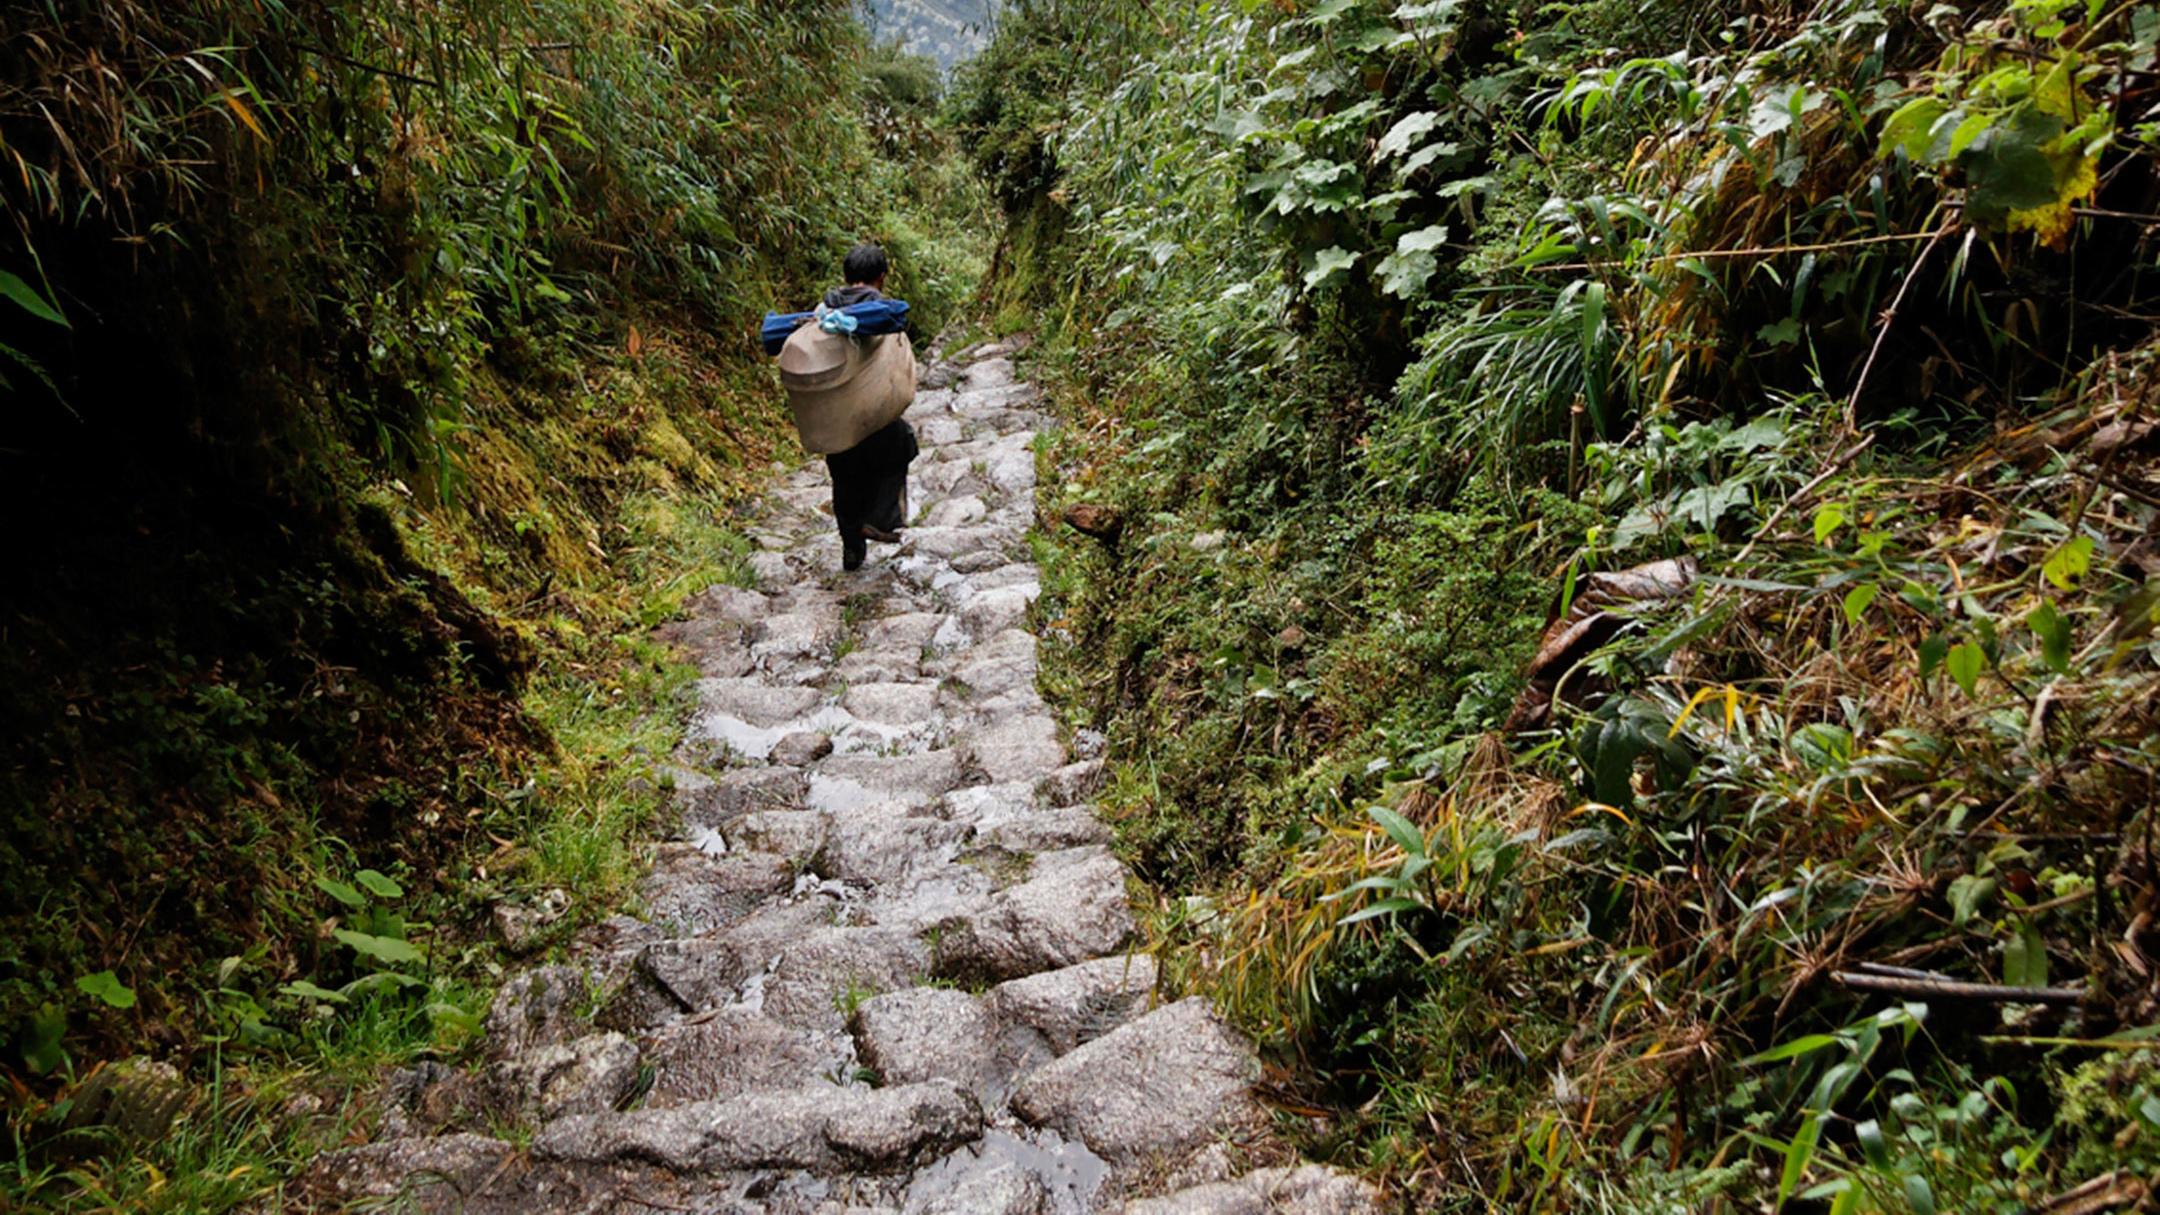 Peru Multisport in Peru South America